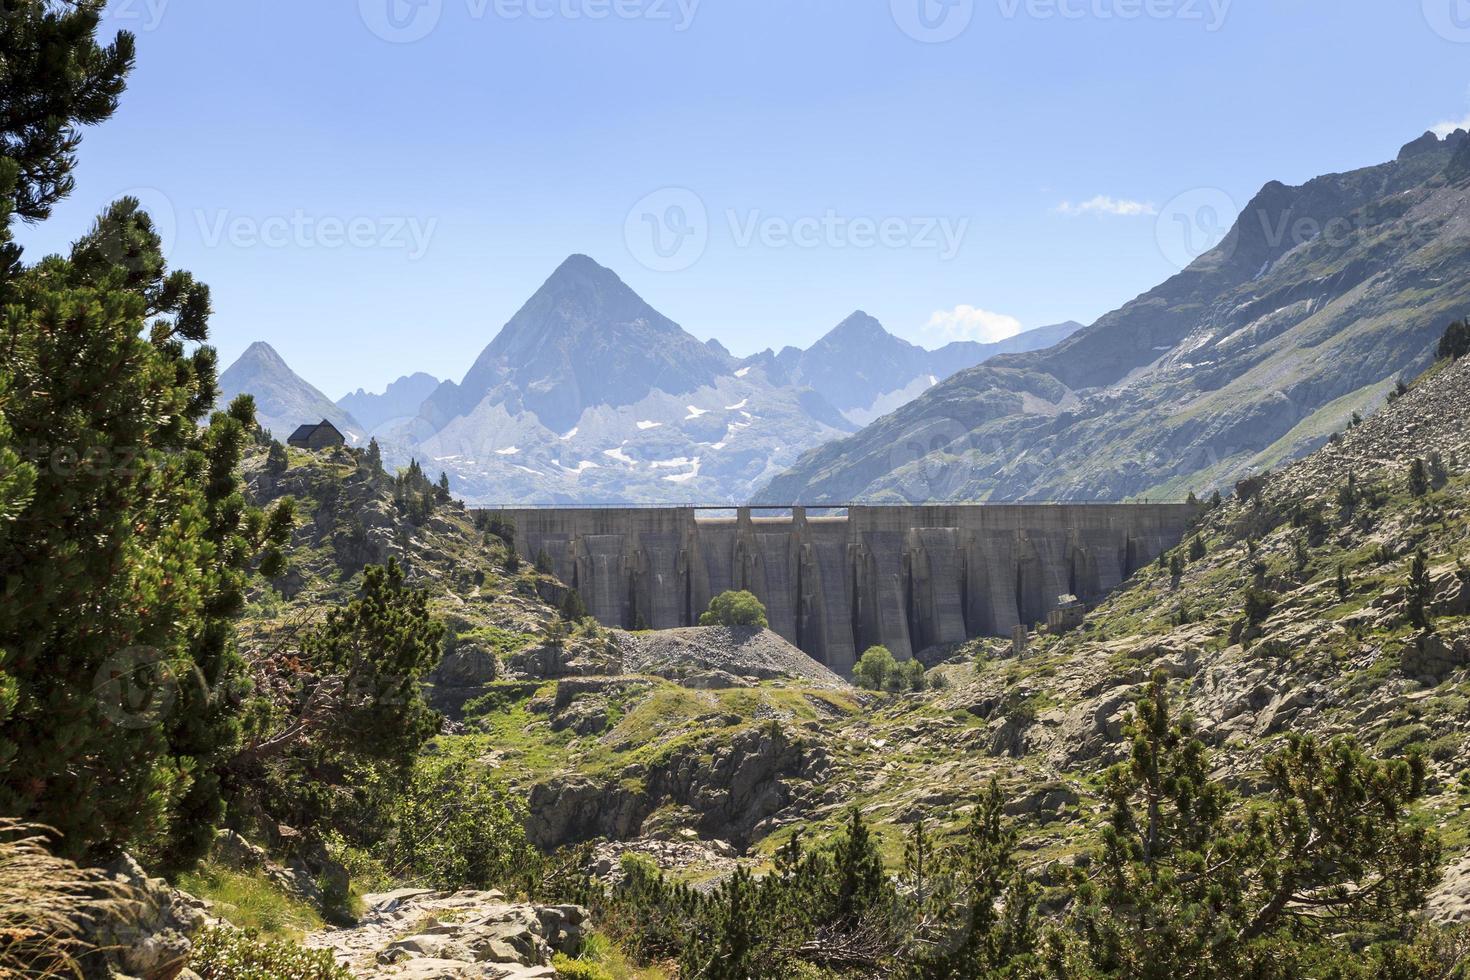 serbatoio nelle montagne dei pirenei foto